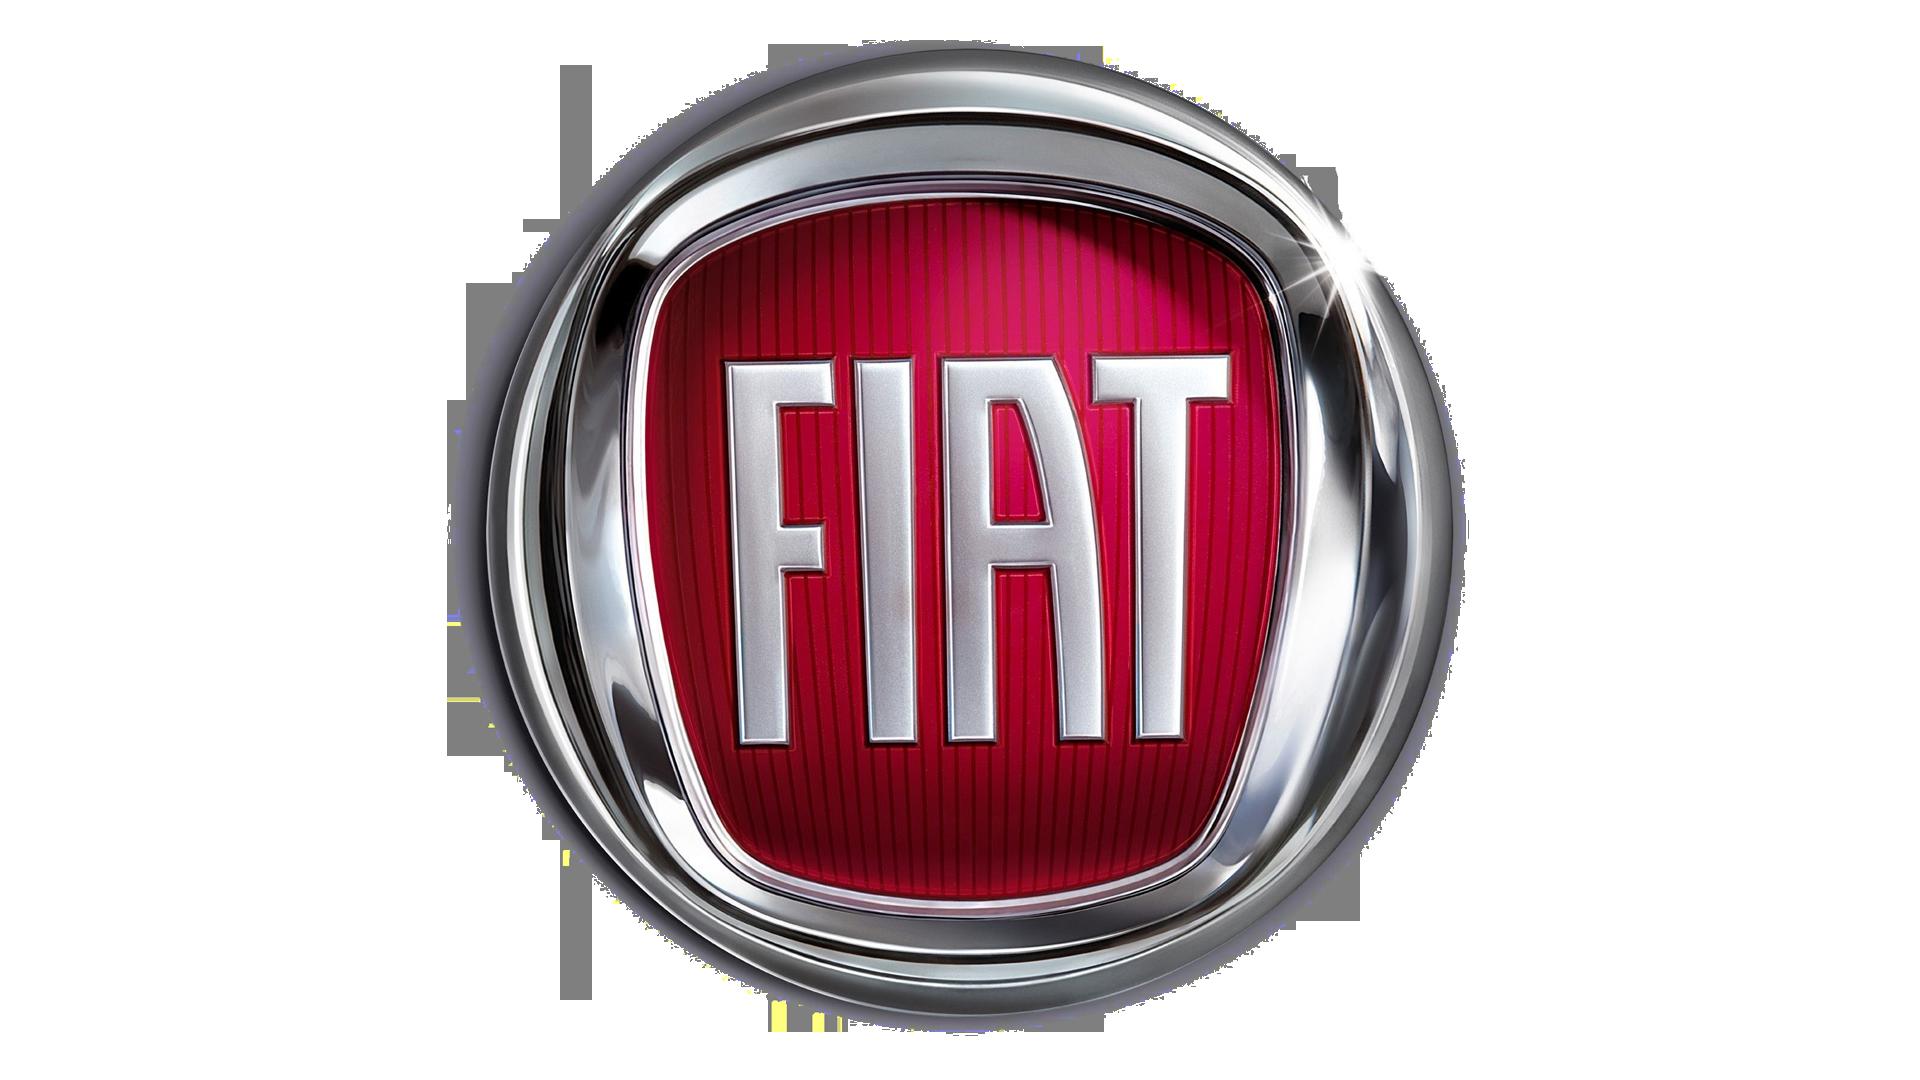 Résultats de recherche d'images pour «FIAT LOGO PNG»